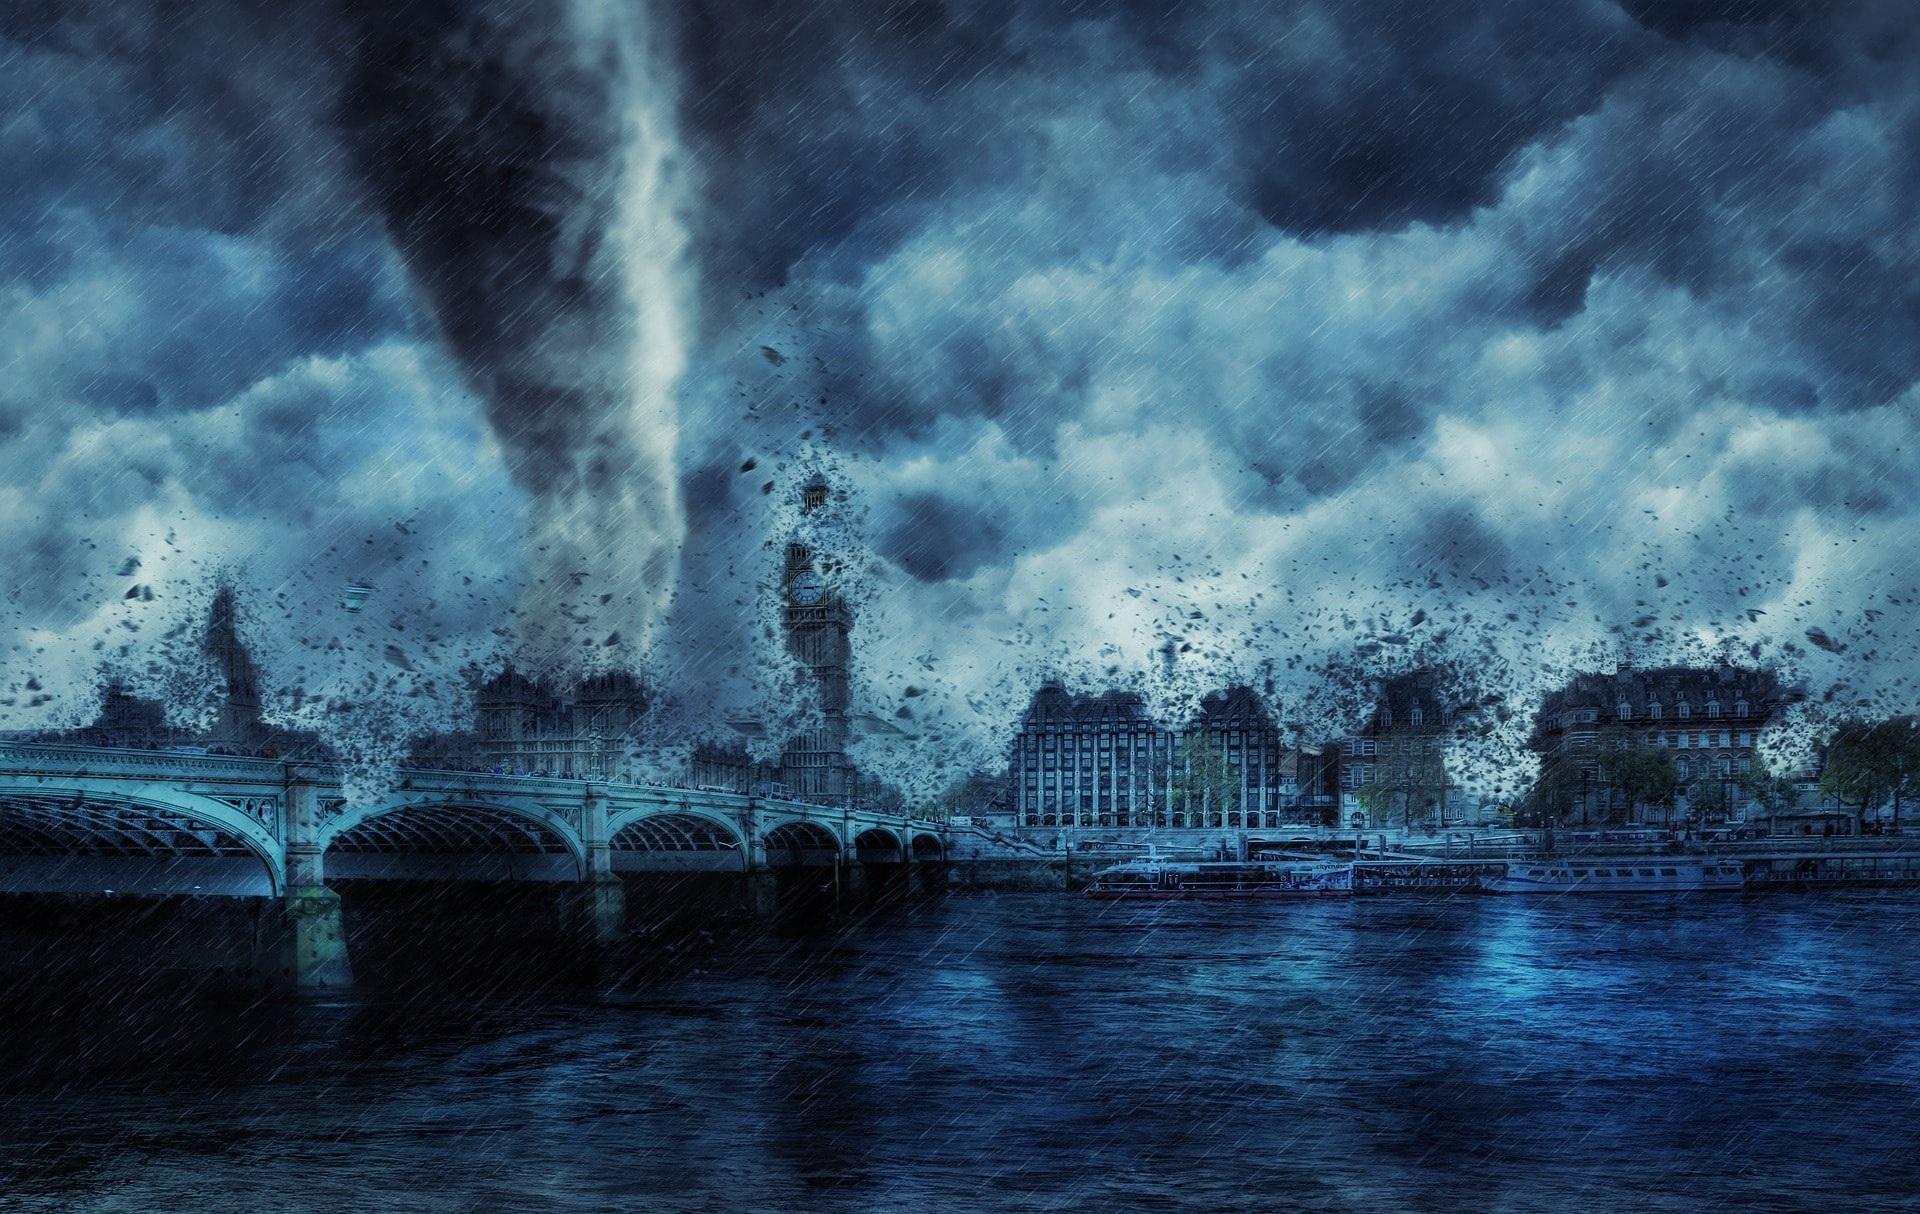 storm-3263239_1920-min.jpg